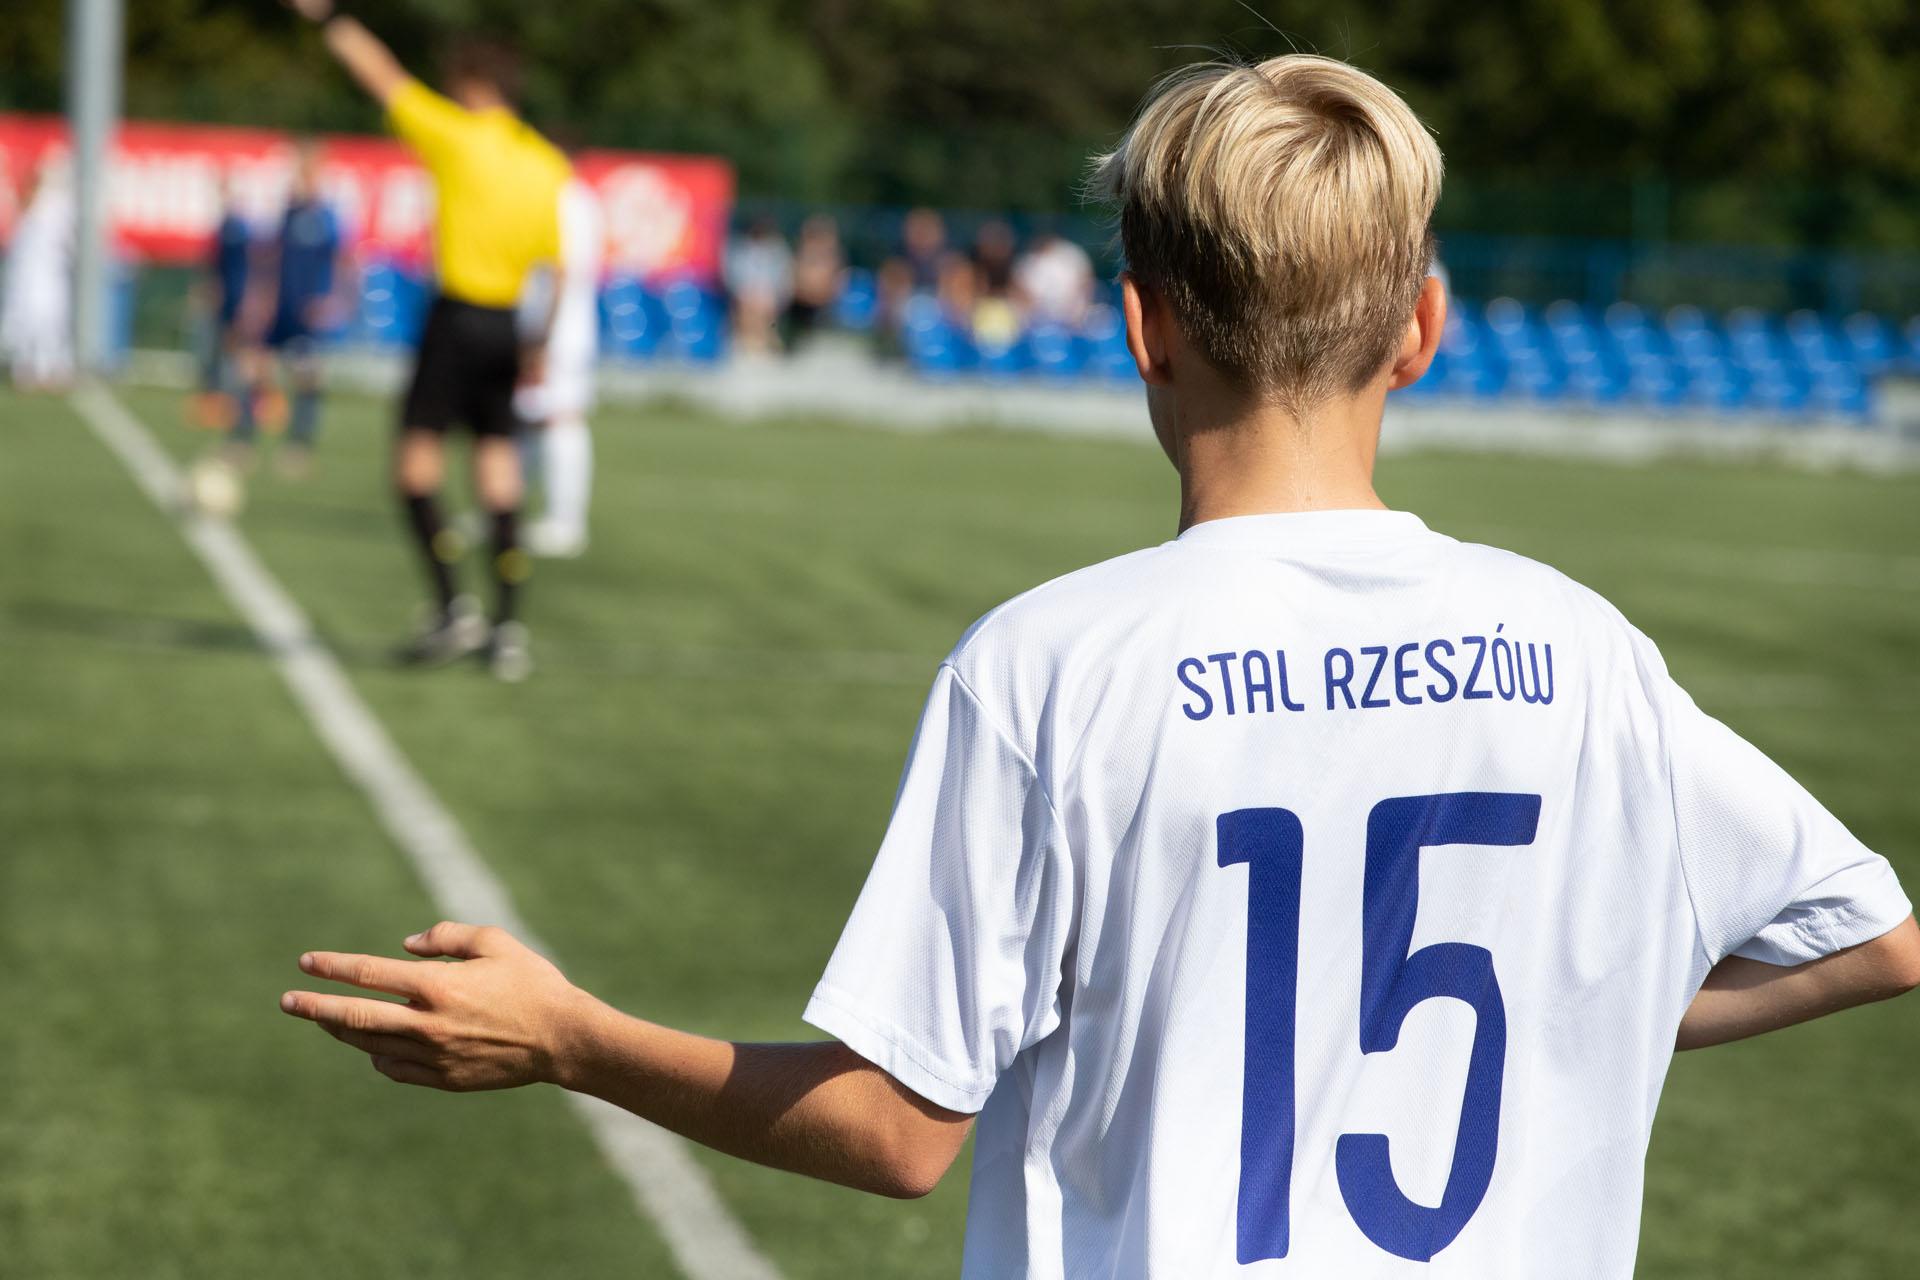 Stal Rzeszów 2006 - Iglopool Dębica